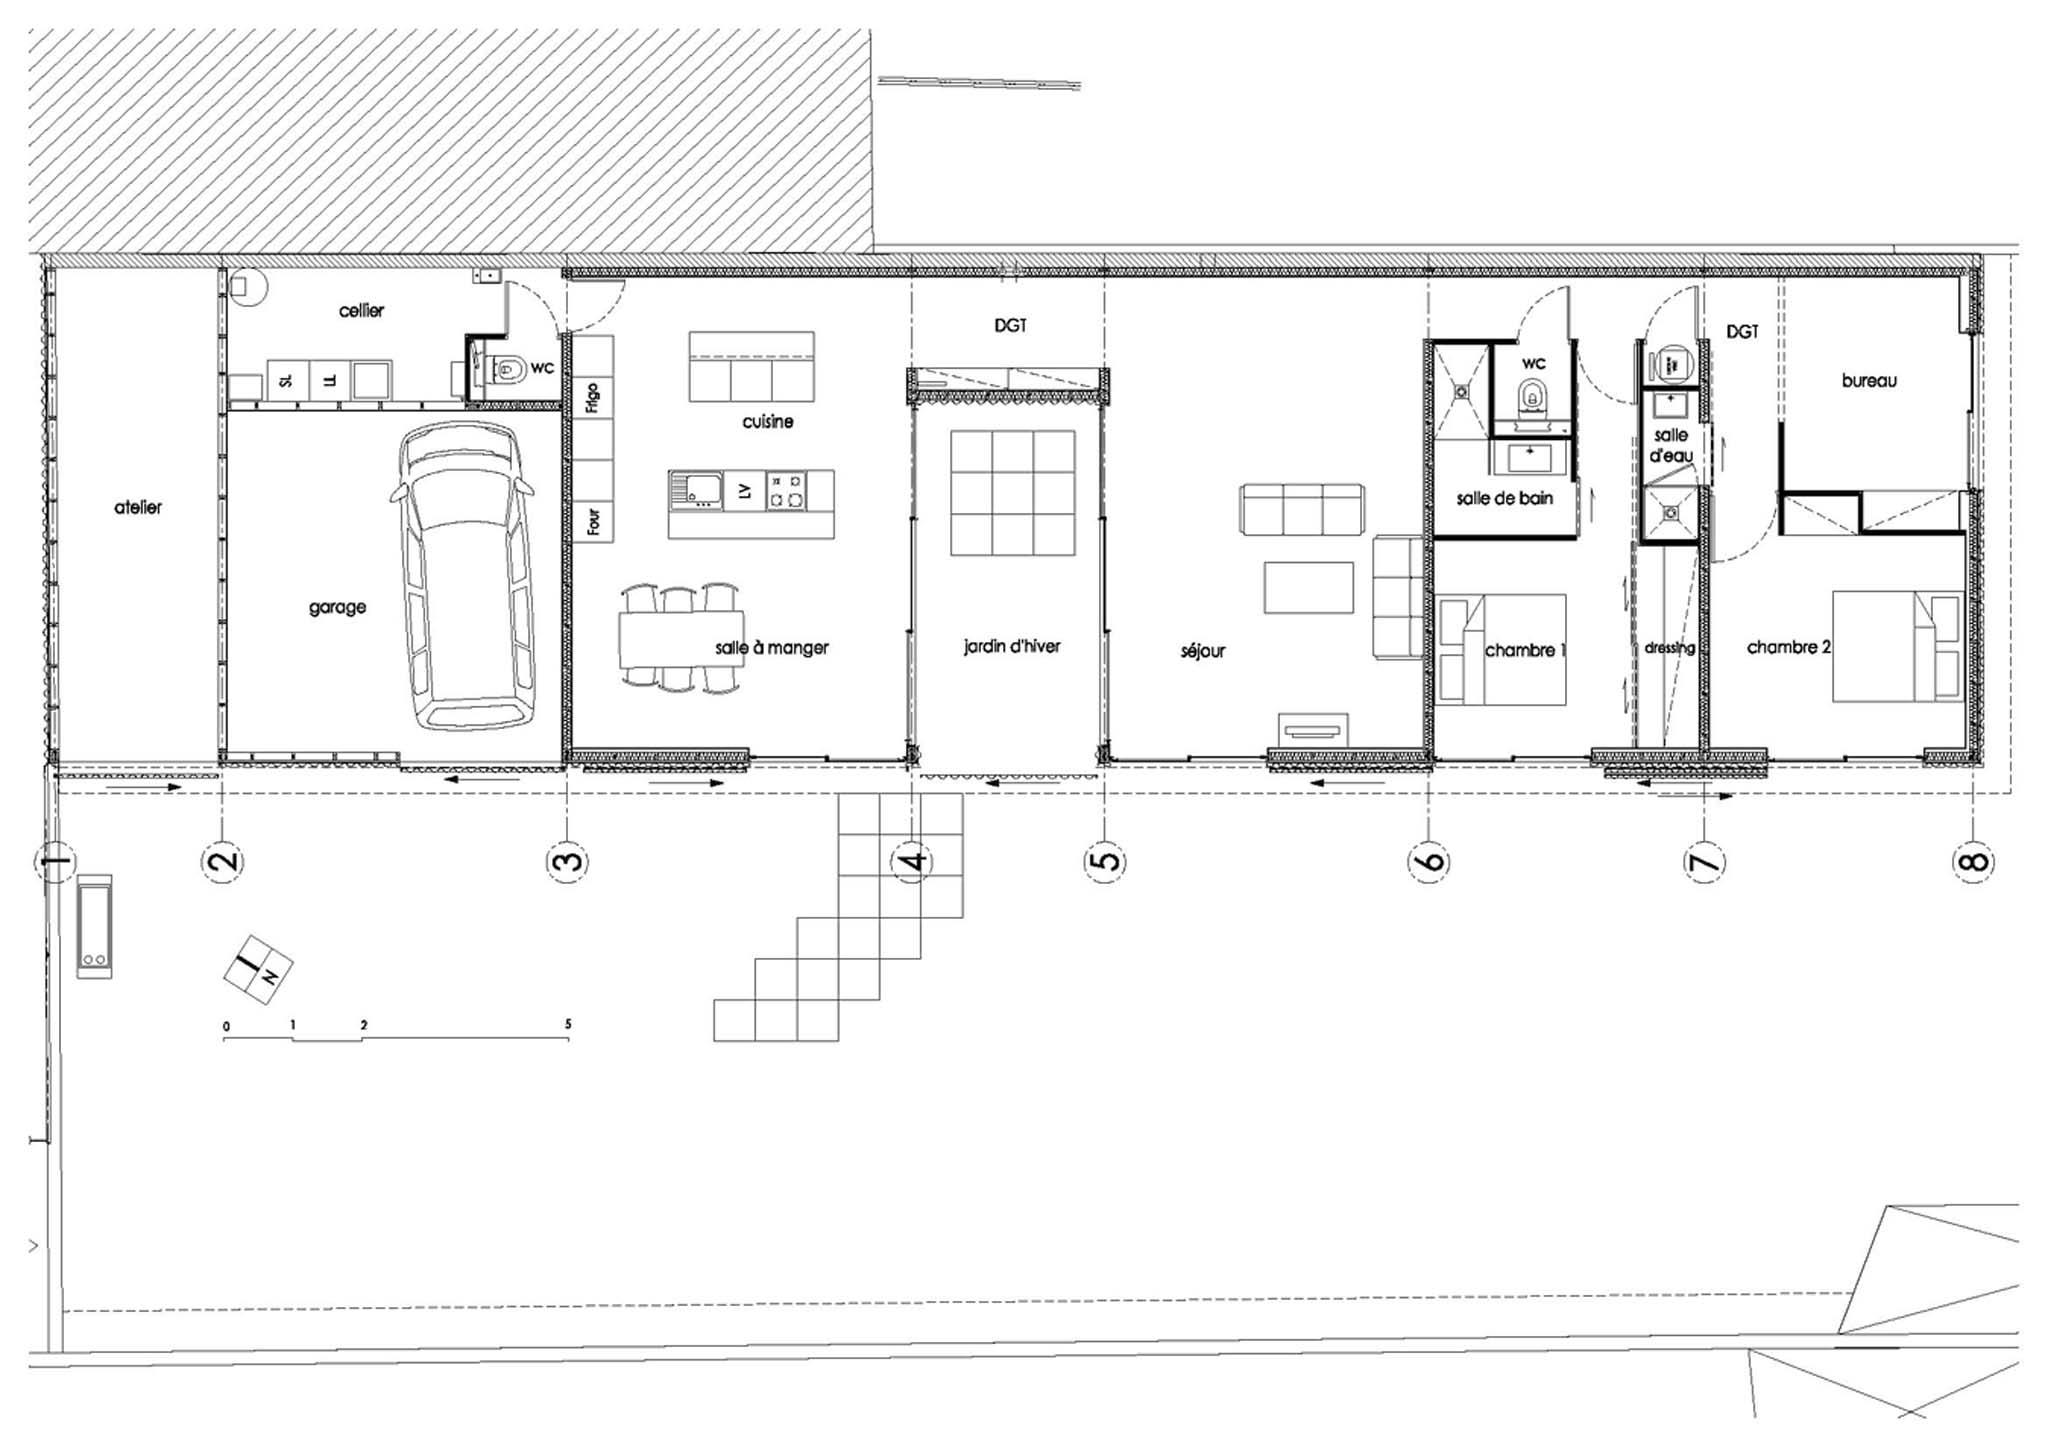 maison en u plan le plan en i plan de tage maison. Black Bedroom Furniture Sets. Home Design Ideas